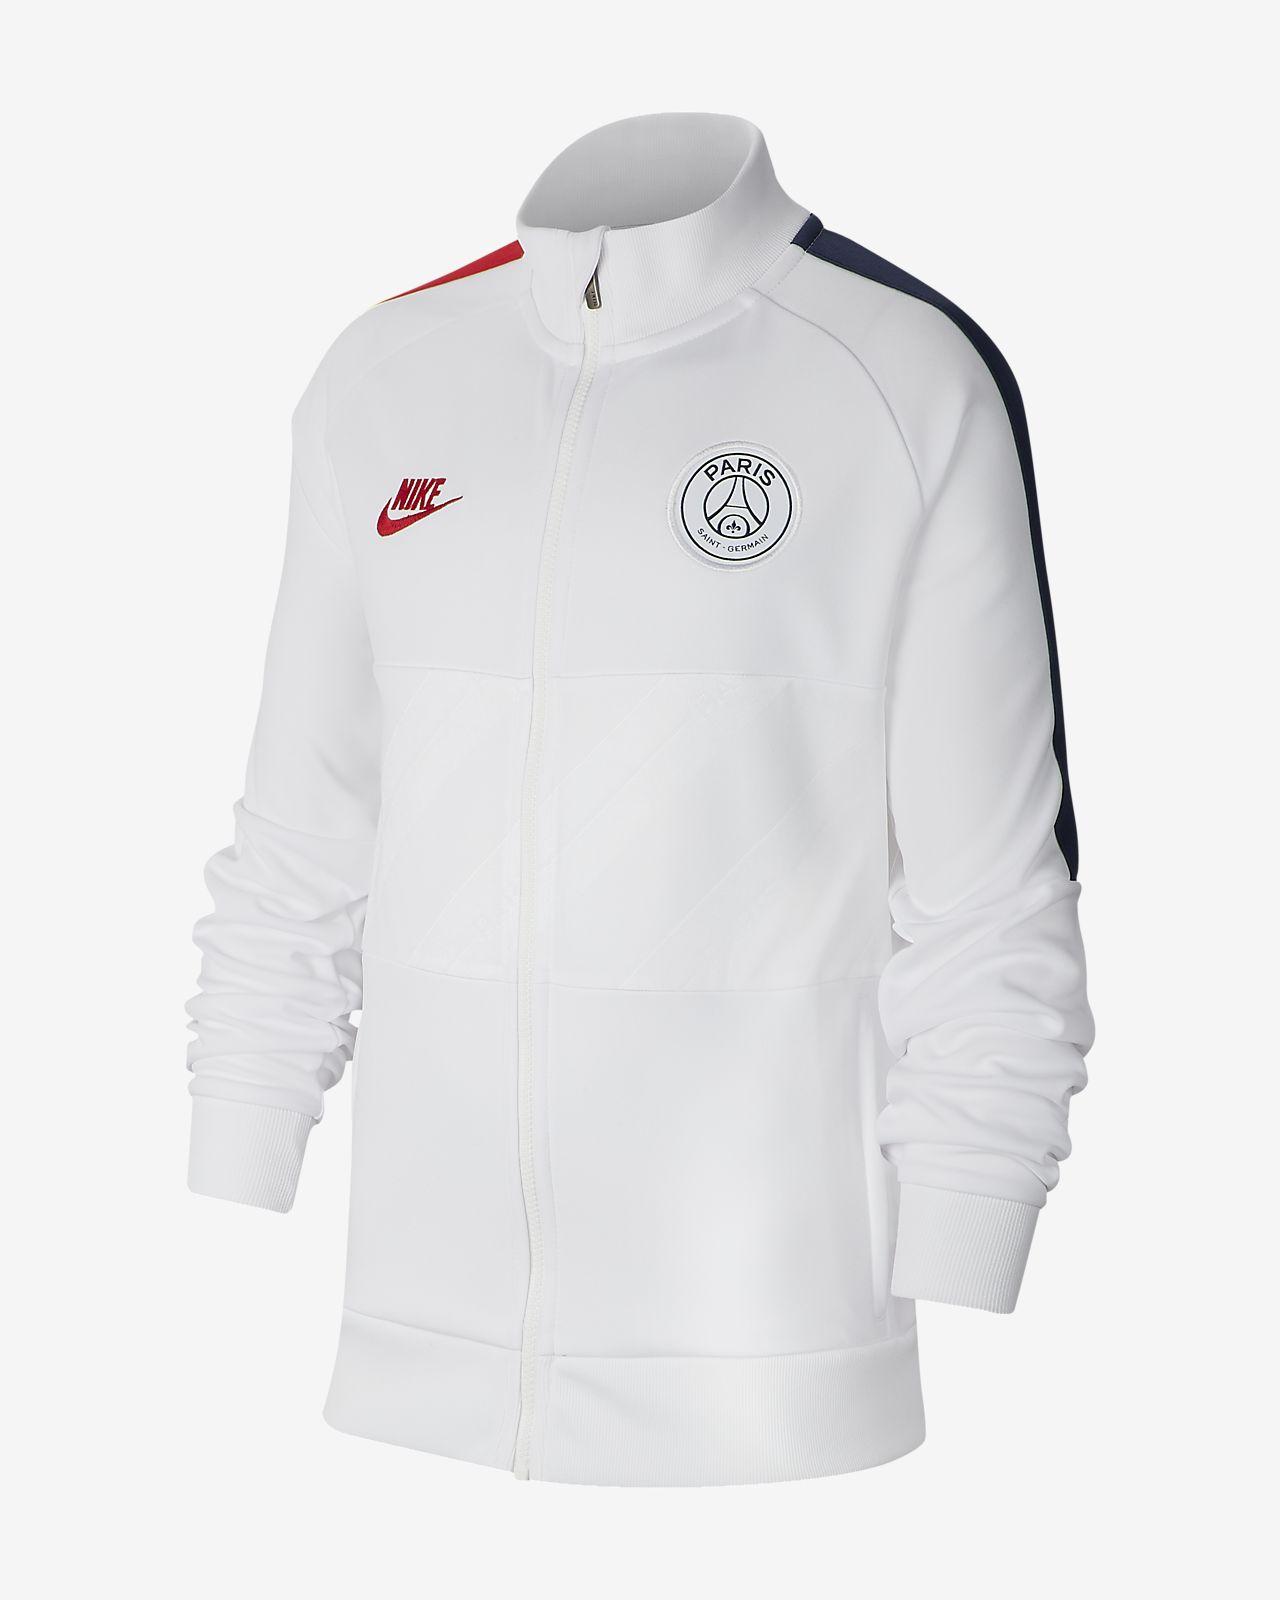 巴黎圣日耳曼大童足球夹克